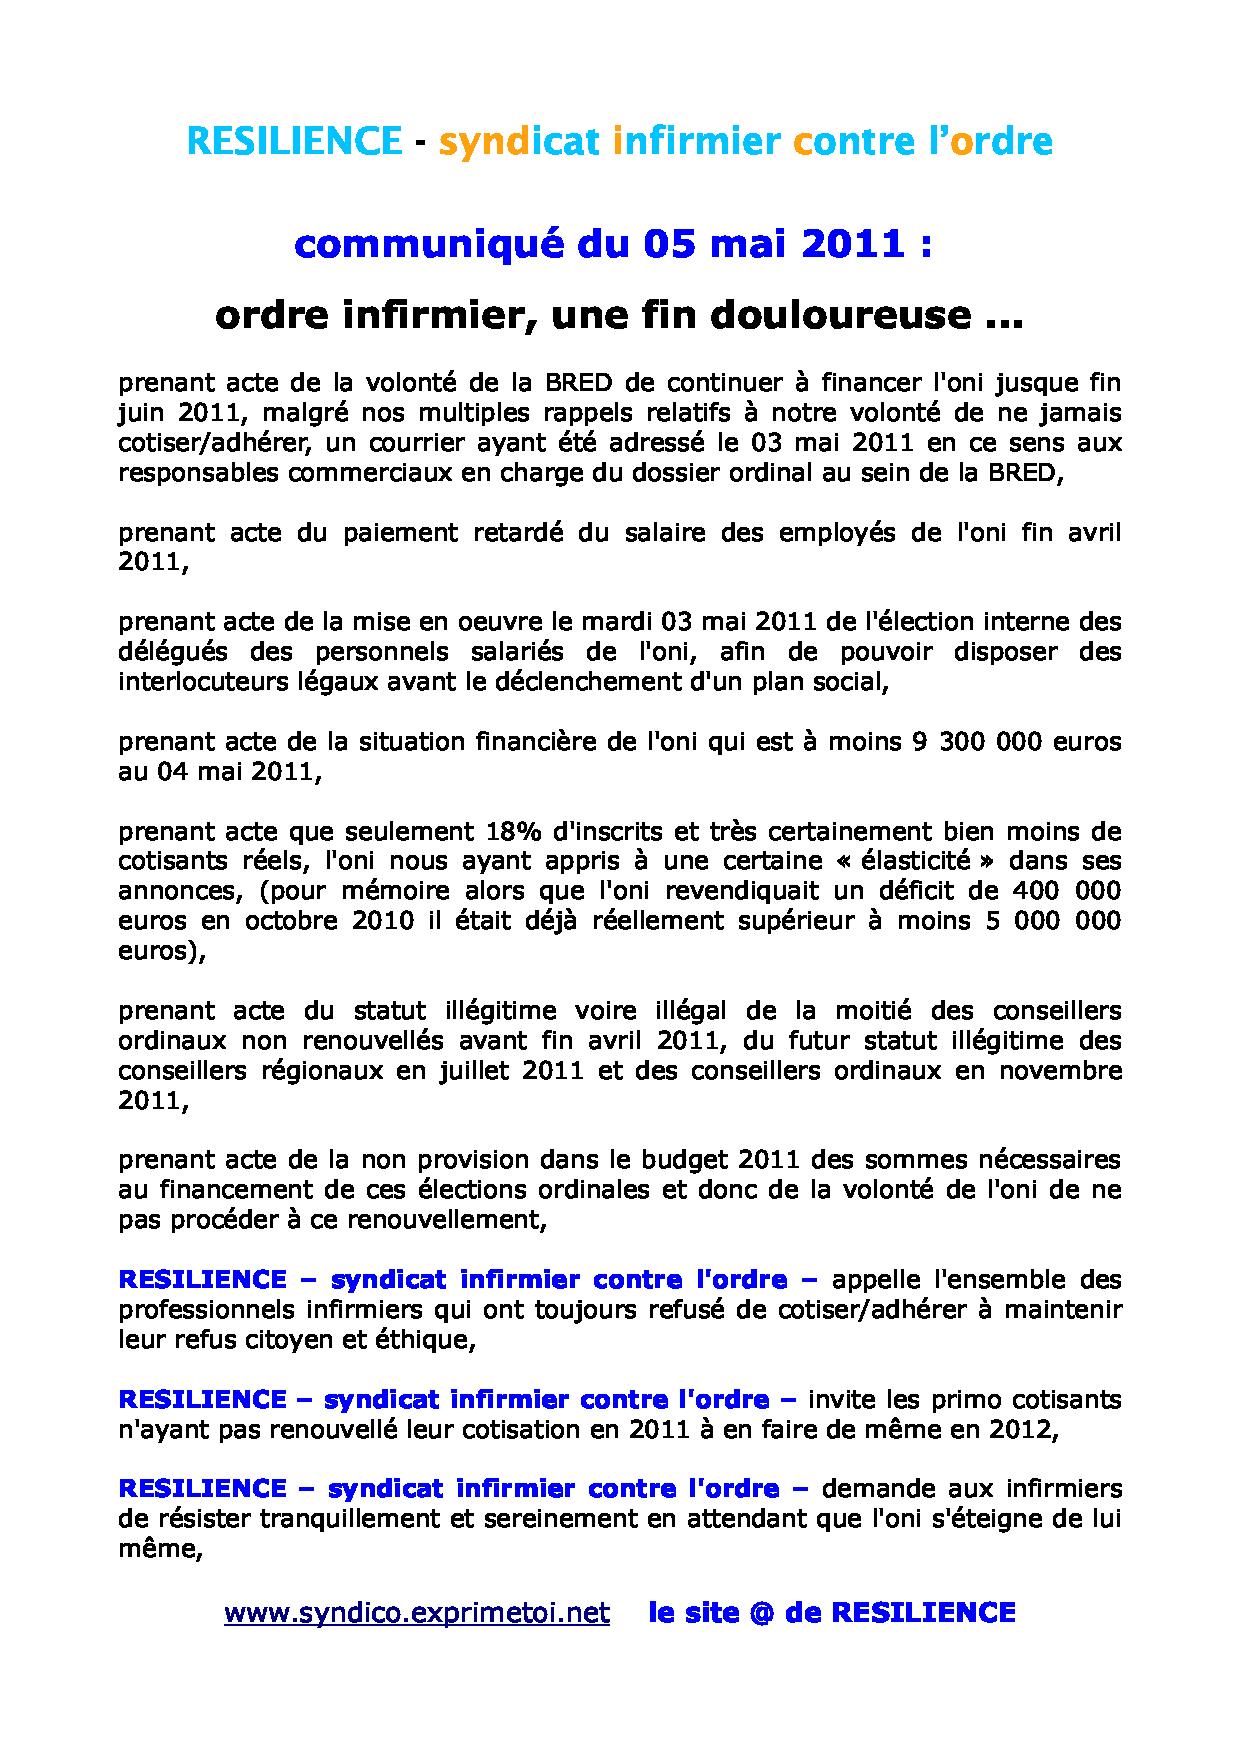 Communiqué RESILIENCE du 05 mai 2011 1105051159441139708107167